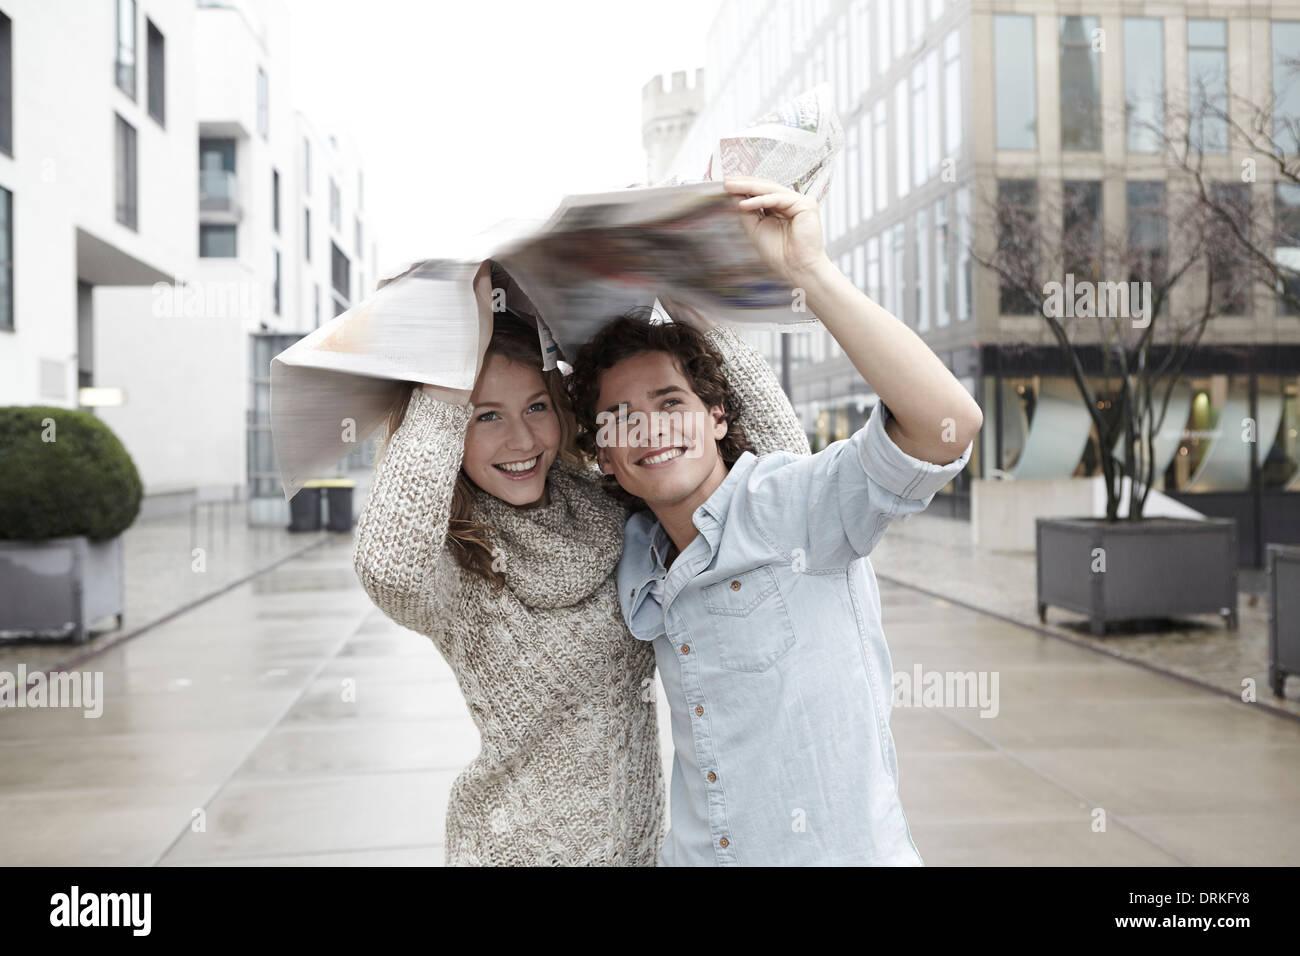 Coppia giovane in movimento sotto la pioggia Immagini Stock